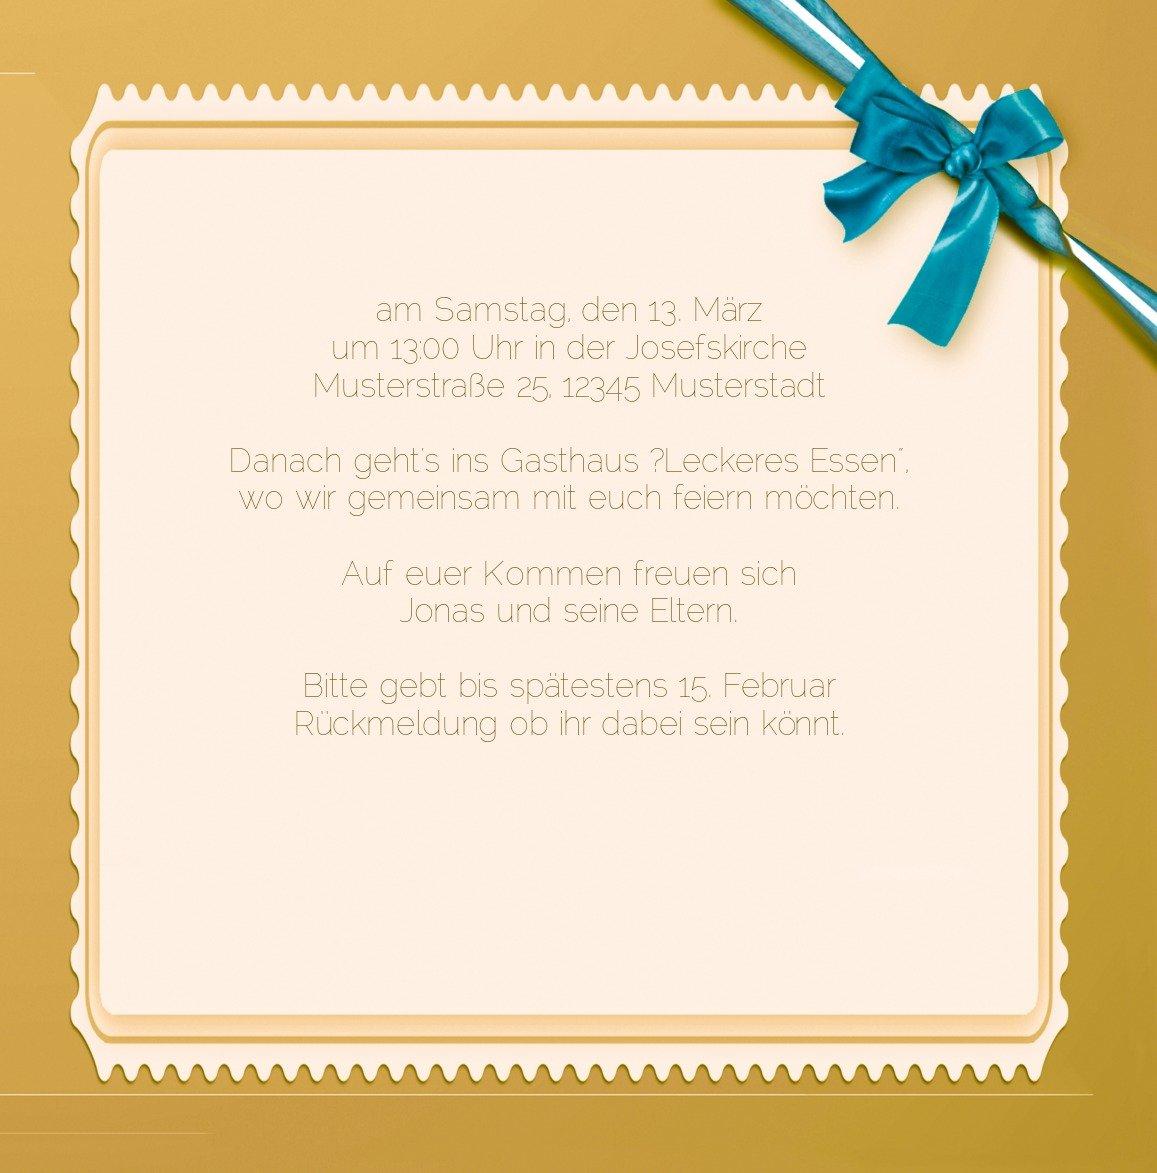 Kartenparadies Einladungskarte Taufeinladung Taufeinladung Taufeinladung Taufkarte Ribbon, hochwertige Einladung zur Taufe inklusive Umschläge   10 Karten - (Format  145x145 mm) Farbe  Rosalila B01MUGKQWH   Wirtschaftlich und praktisch    Lebendige Form    Günstige  2c9c08